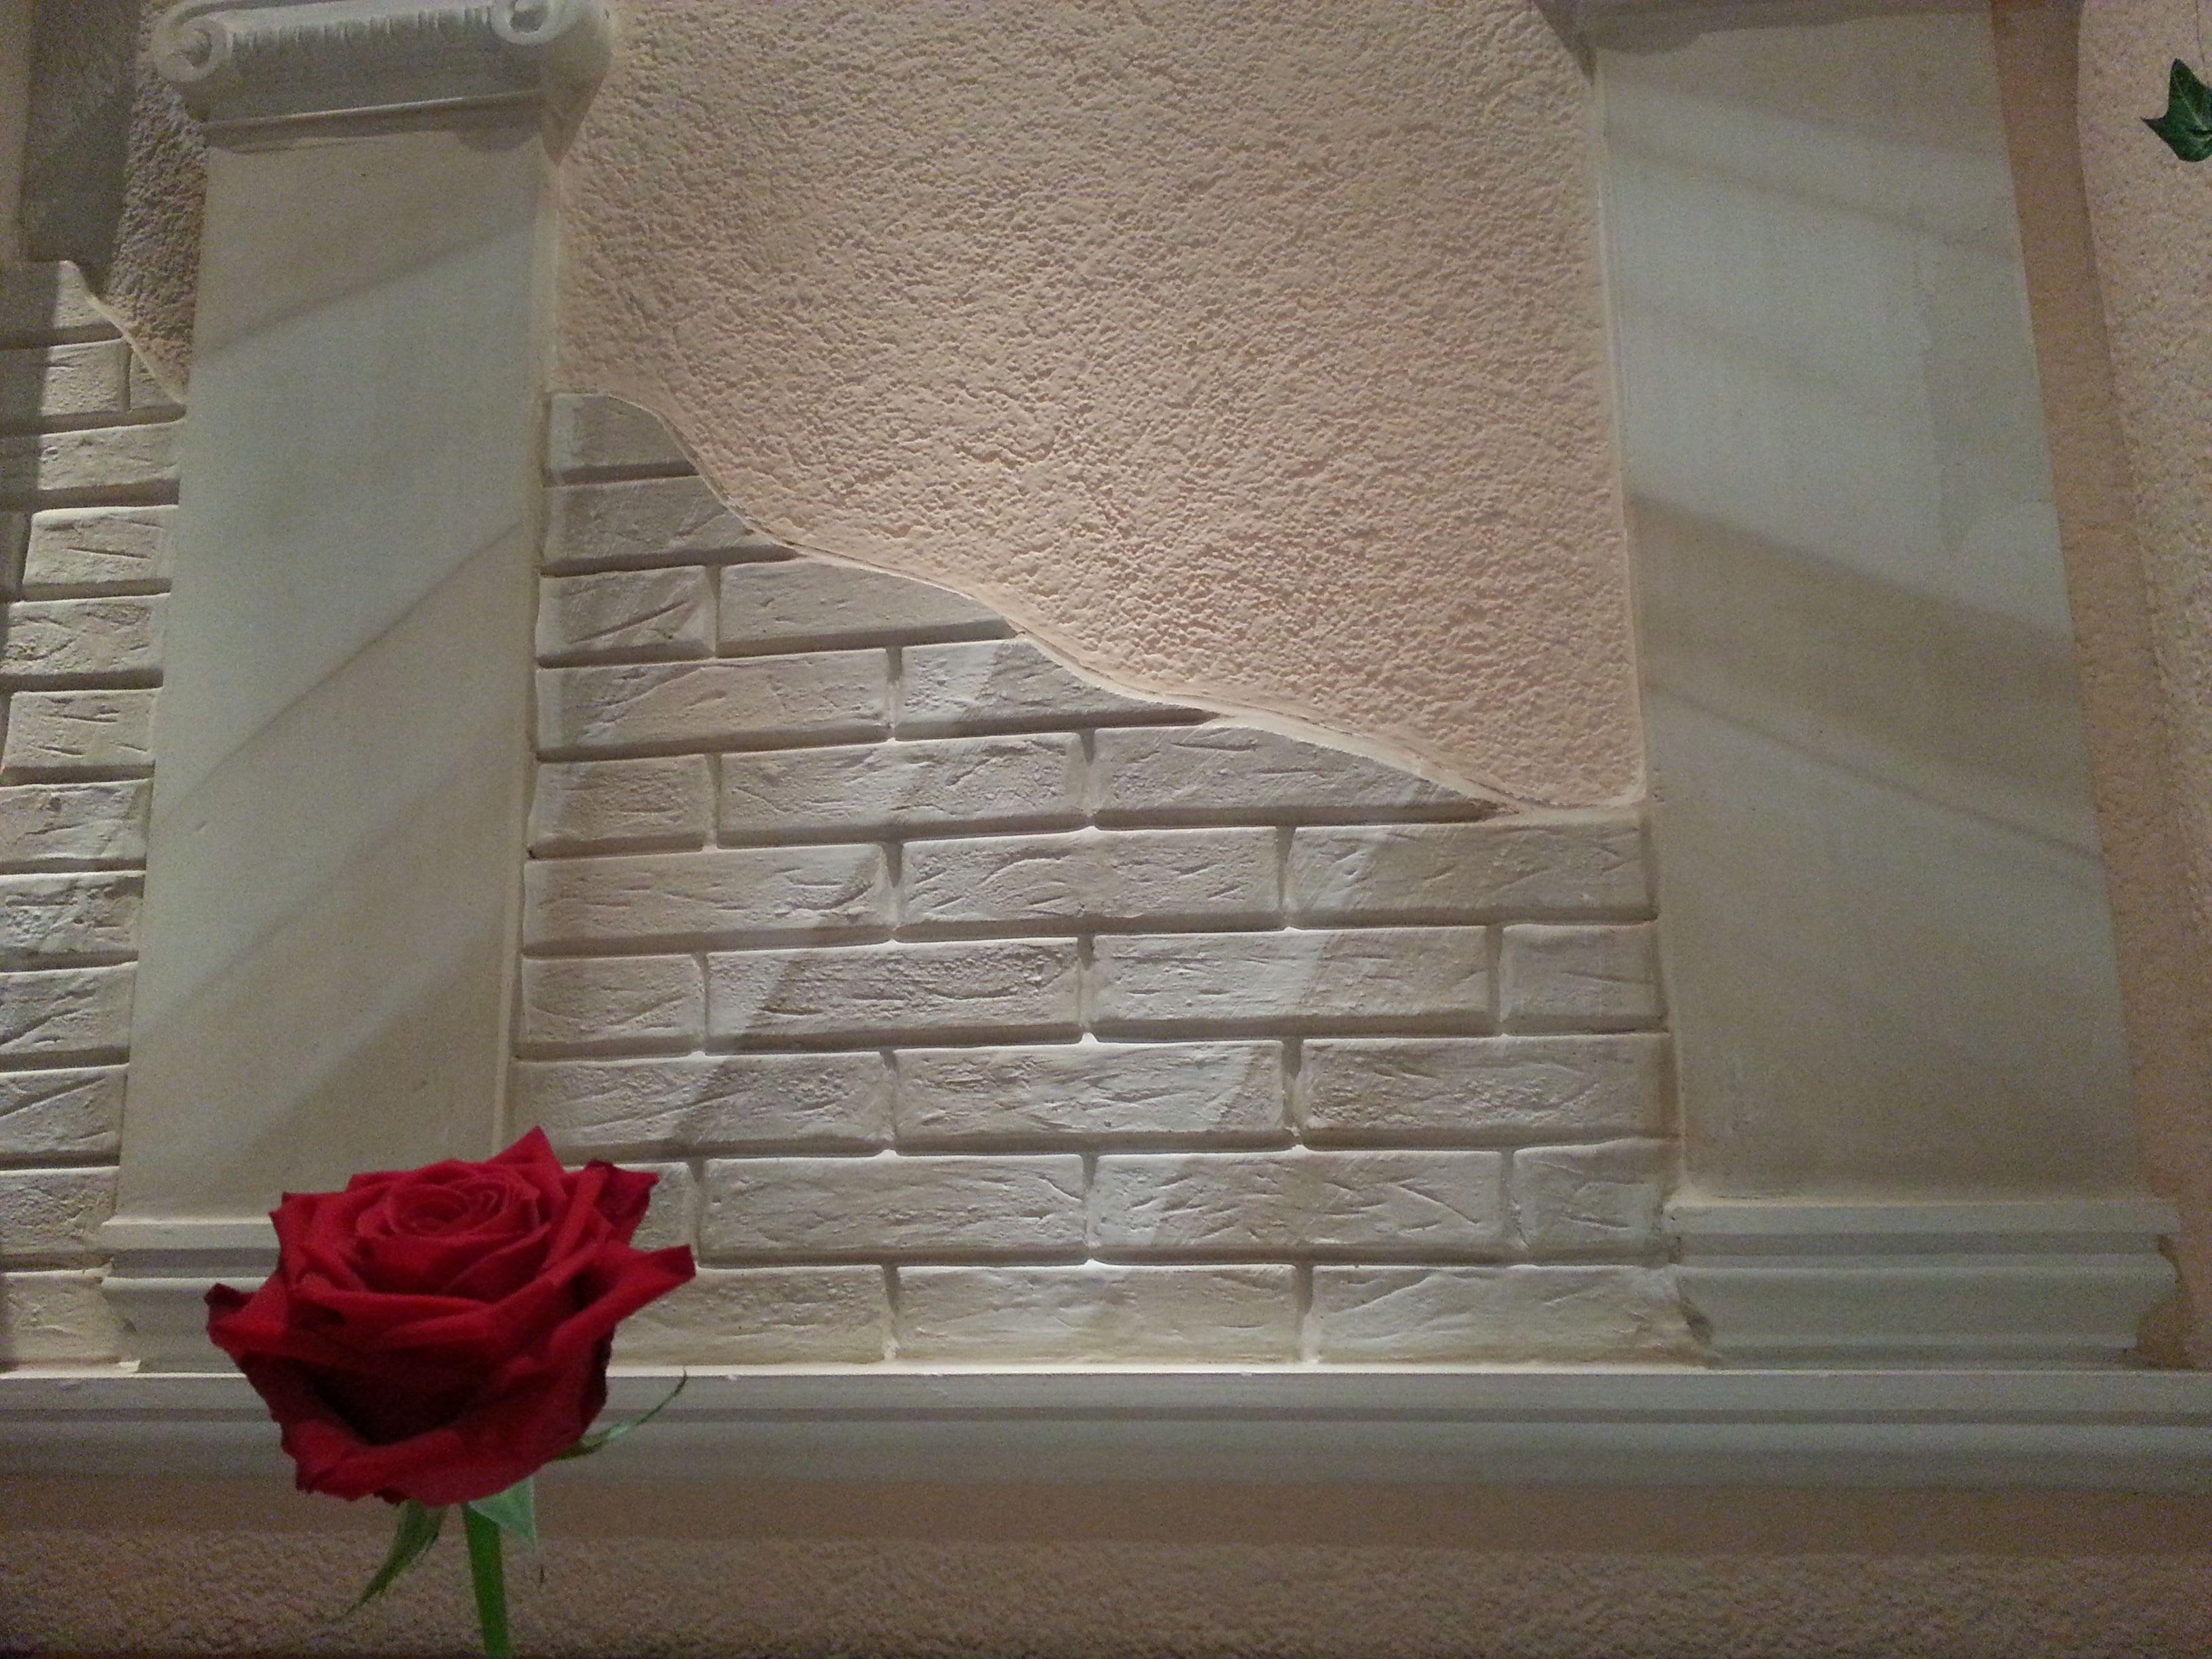 Steinimitation mit verschiedenen Steinen und roter Rose